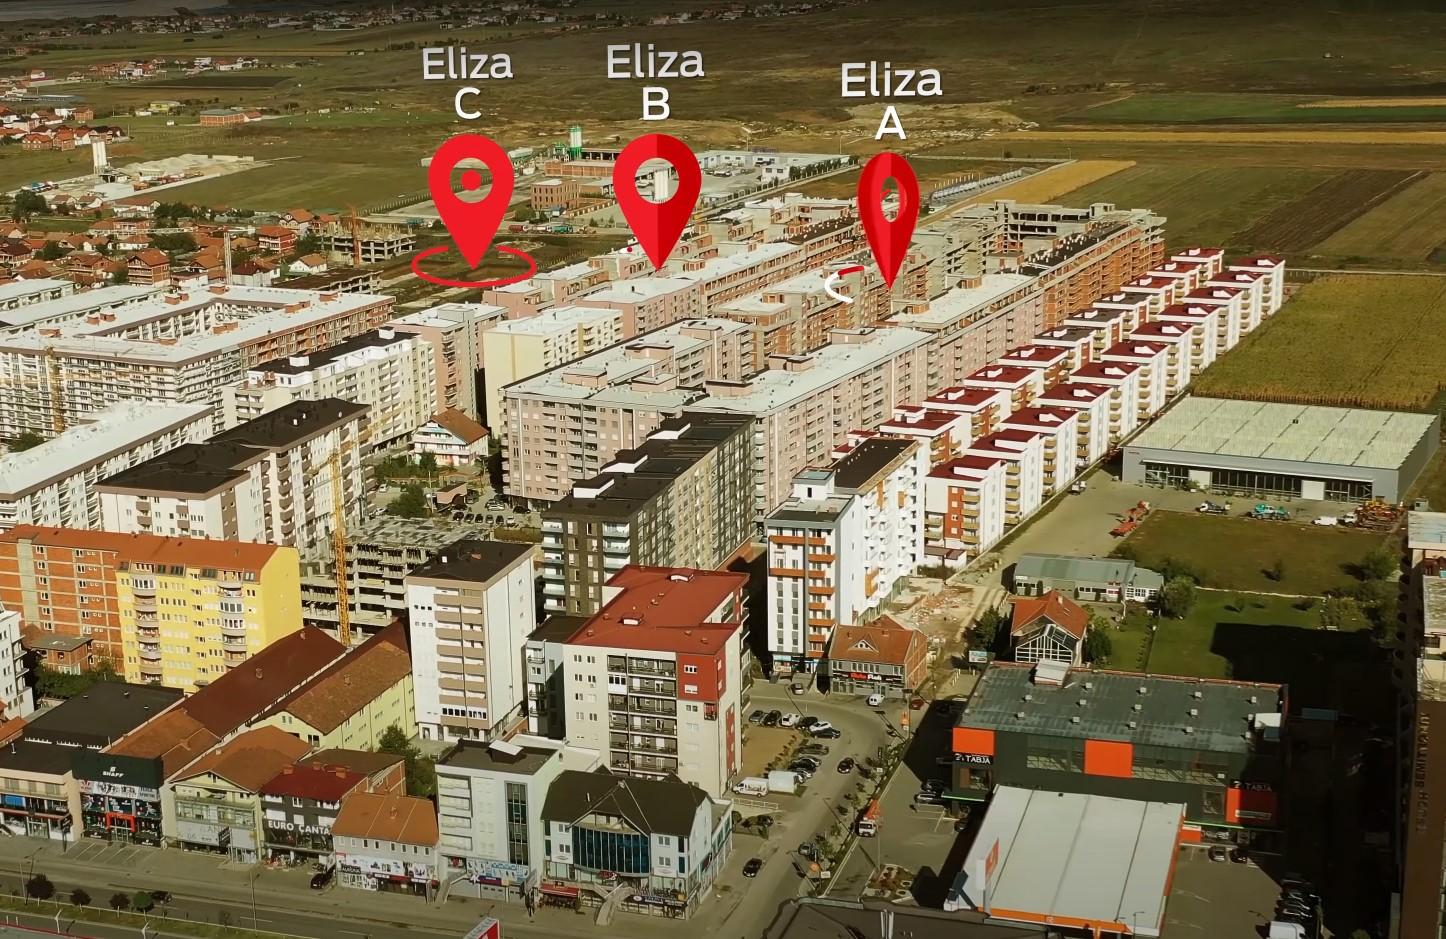 SHITJE: Banesa me e kerkuar me 1 dh. gjumi ne lagjen Eliza, Fushe Kosove